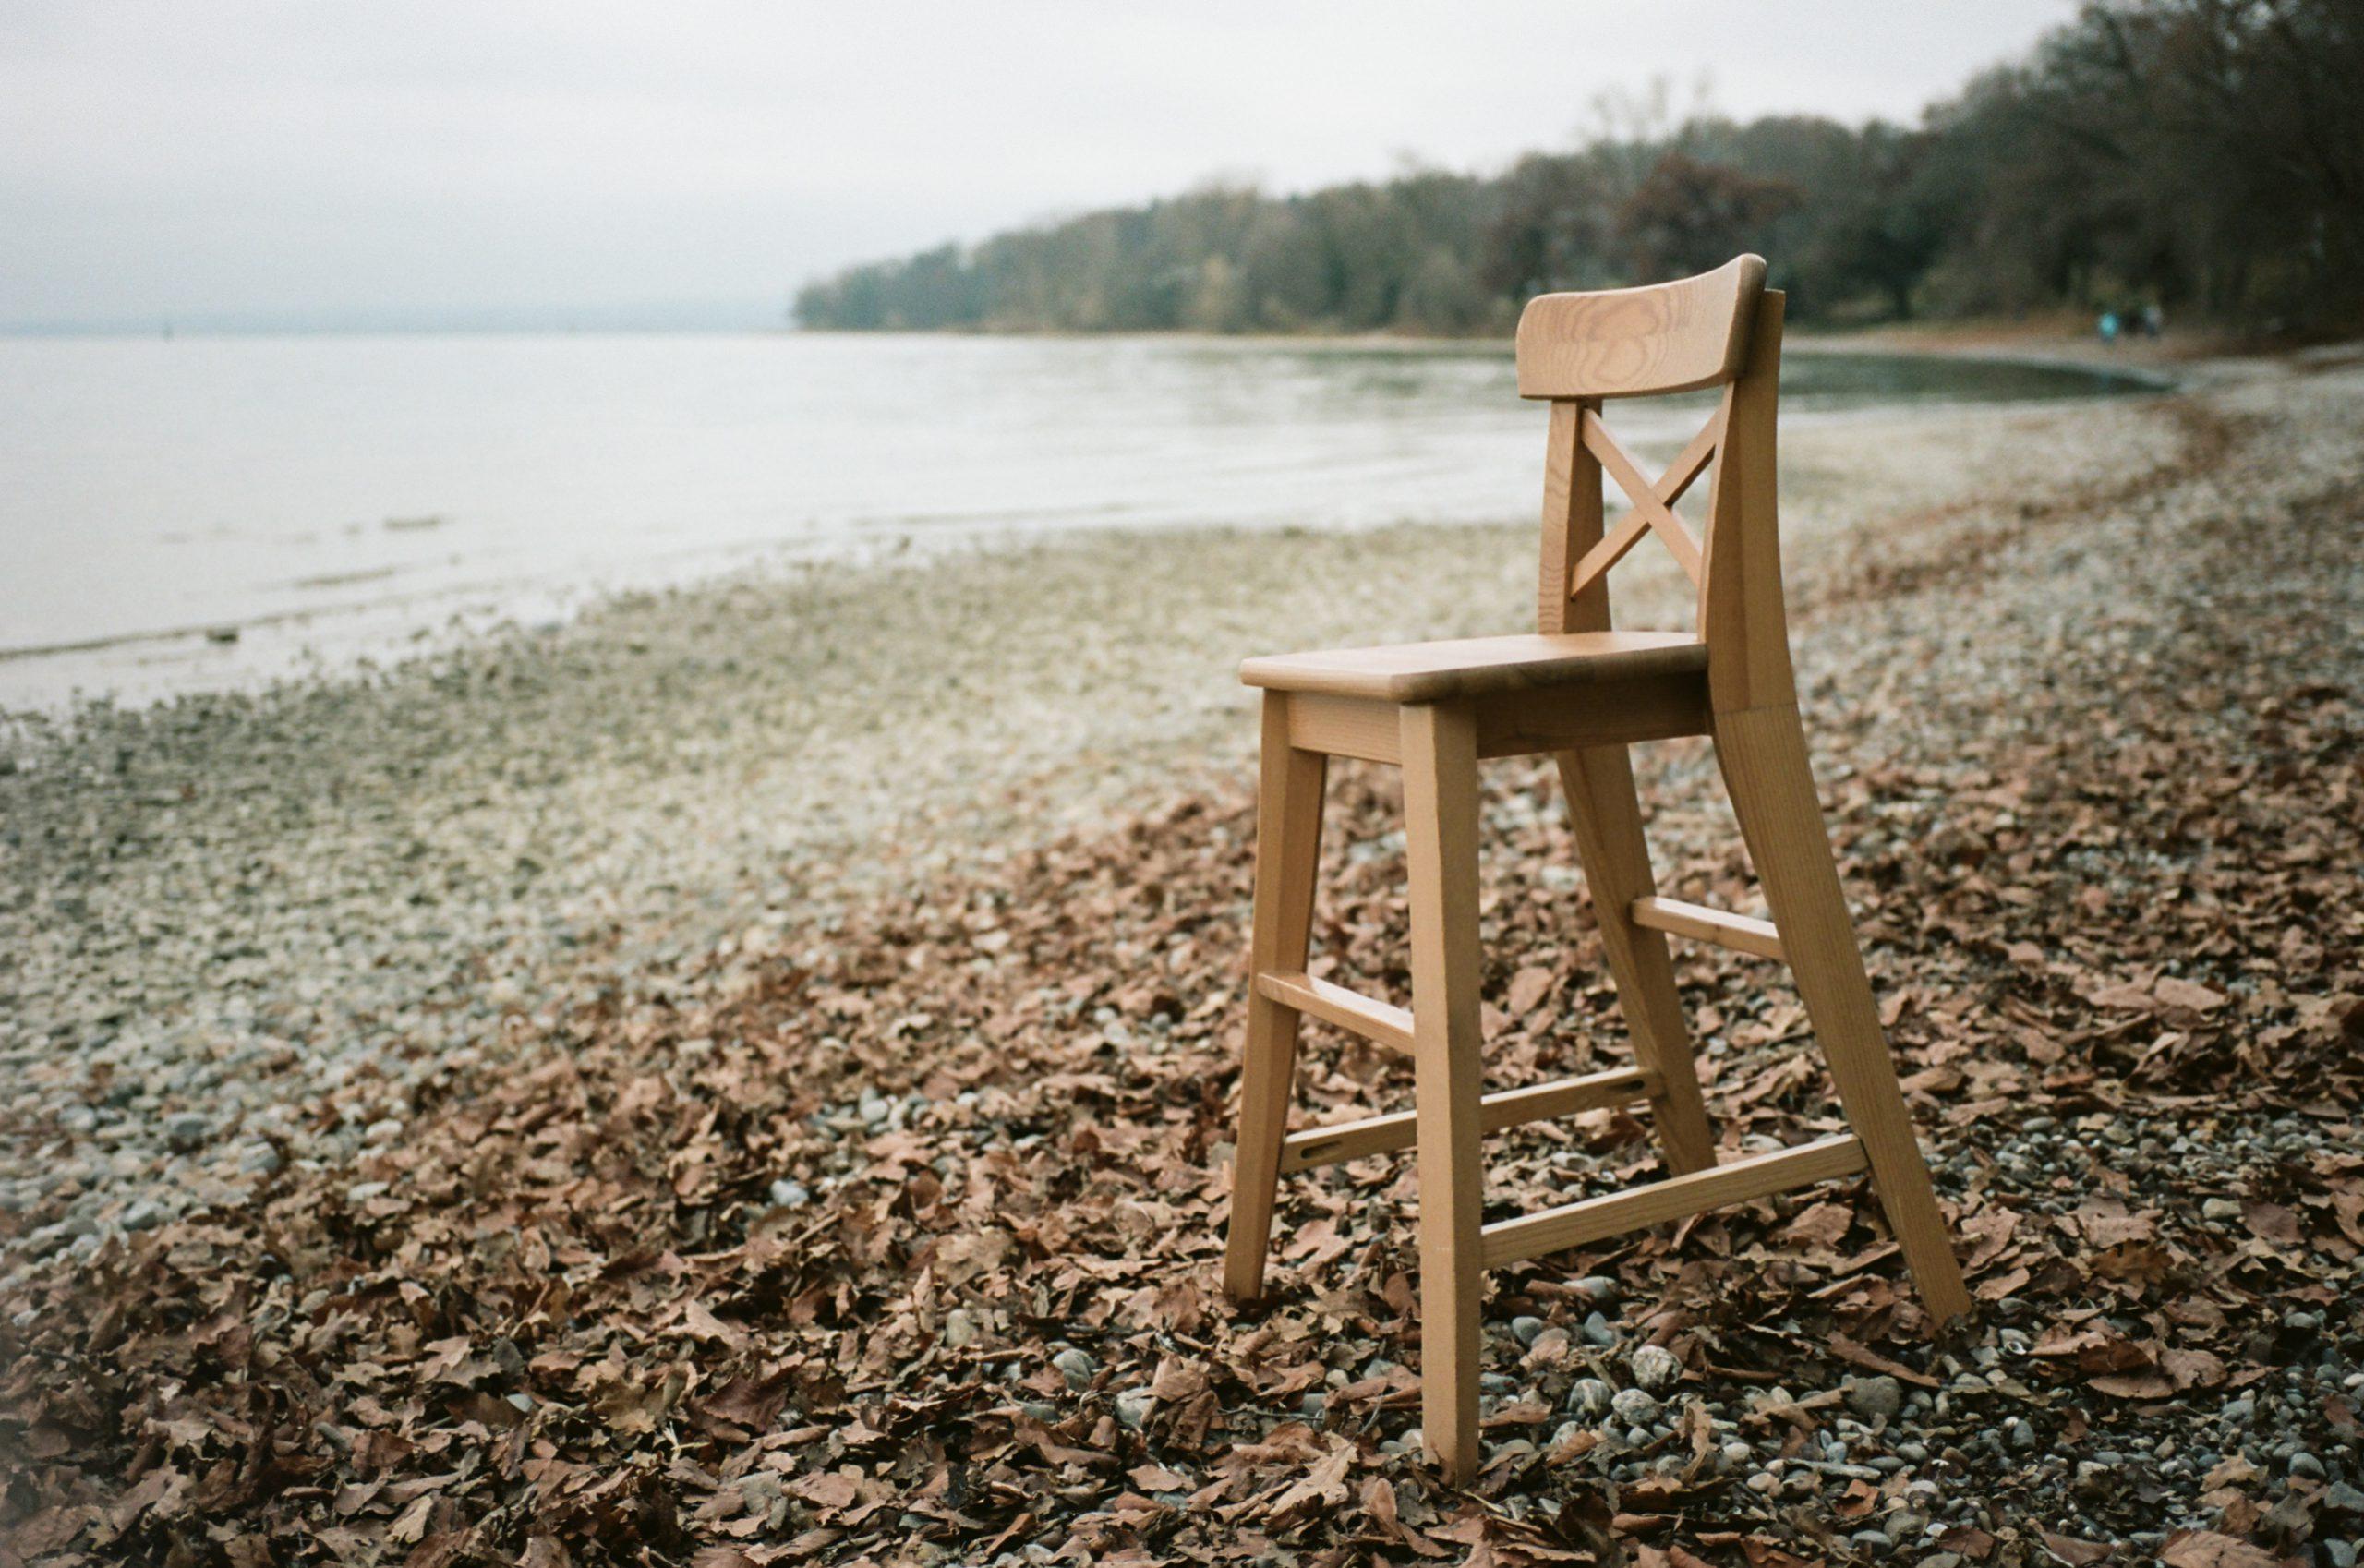 Was immer der Stuhl hier am Bodenseeufer soll: Schönes Bokeh. Zeiss Ikon mit Biogon 25/2.8 ZM. Kodak Portra 160